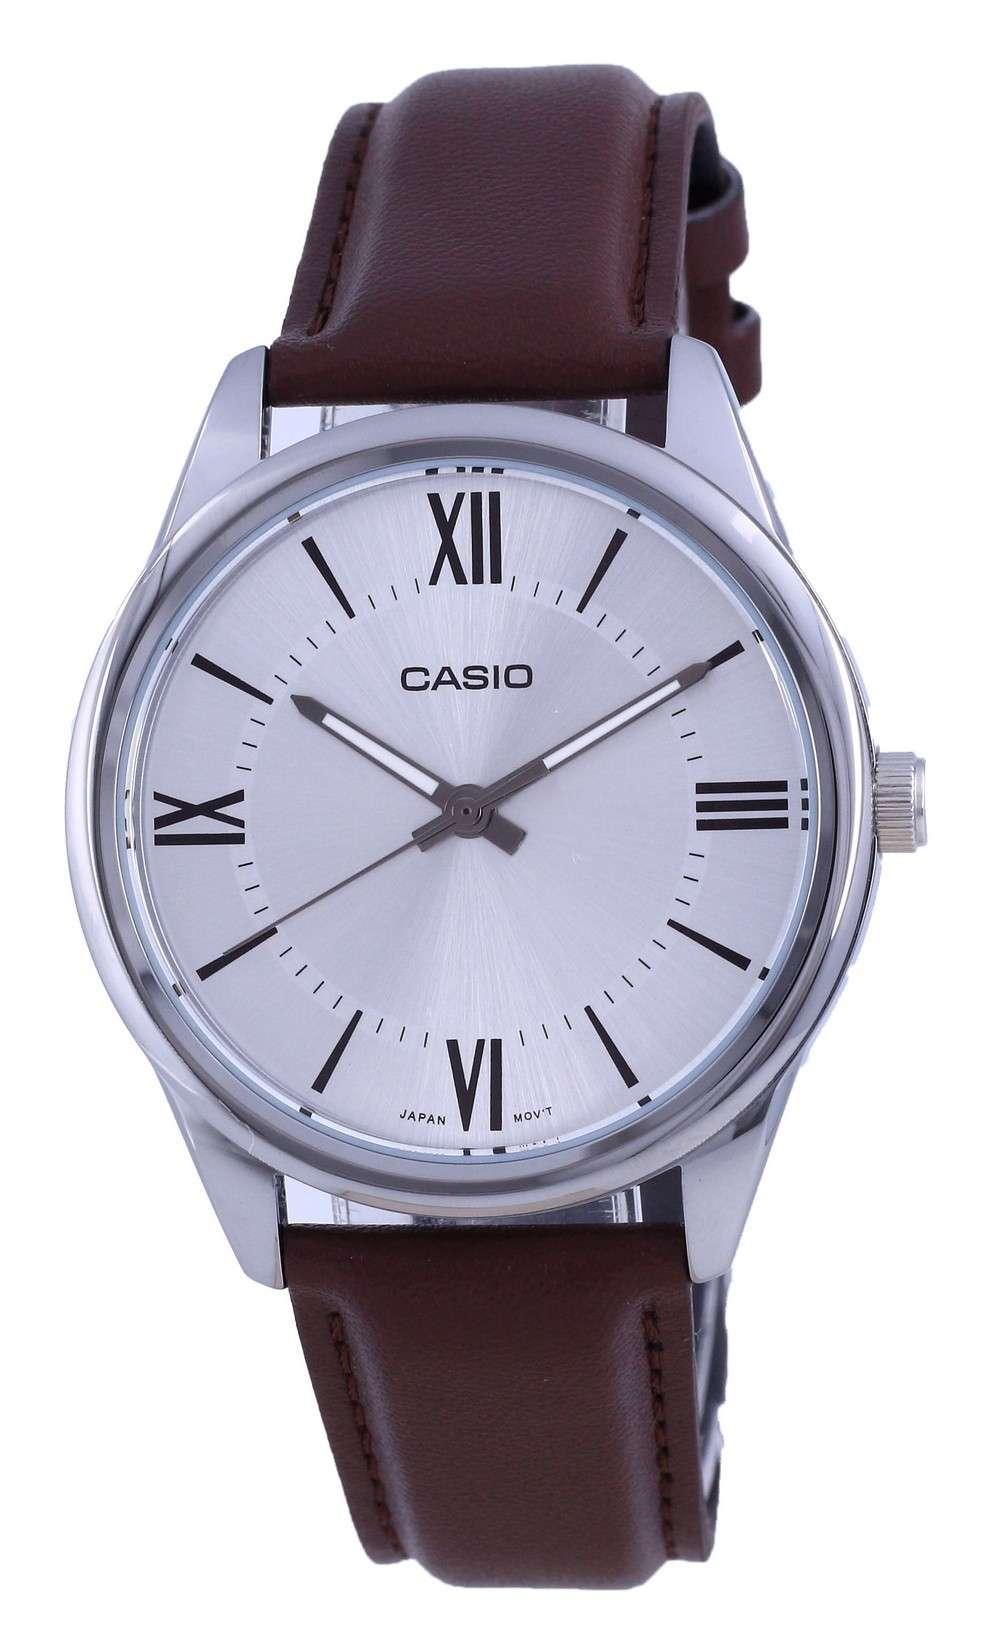 Reloj Casio de cuarzo analógico de acero inoxidable con esfera plateada MTP-V005L-7B5 MTPV005L-7 para hombre